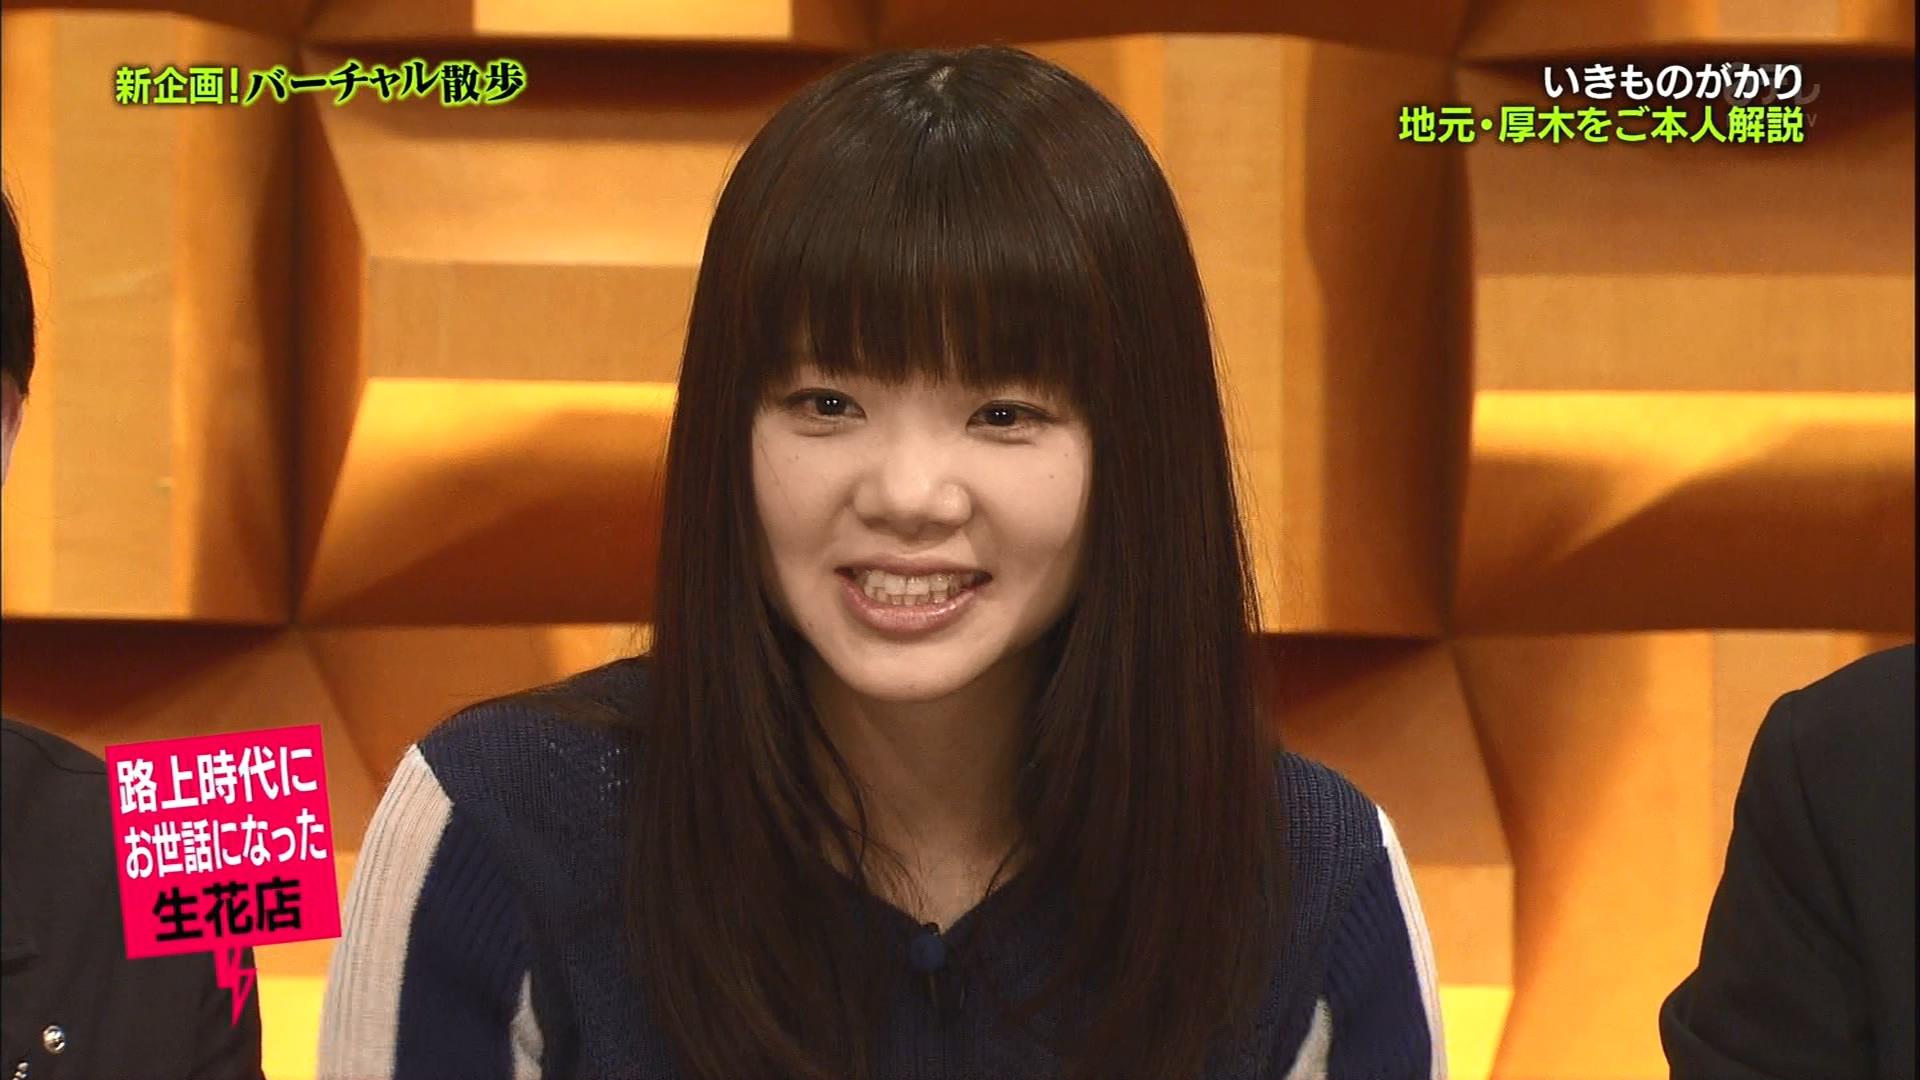 2016.03.11 全場(バズリズム).ts_20160312_024937.000